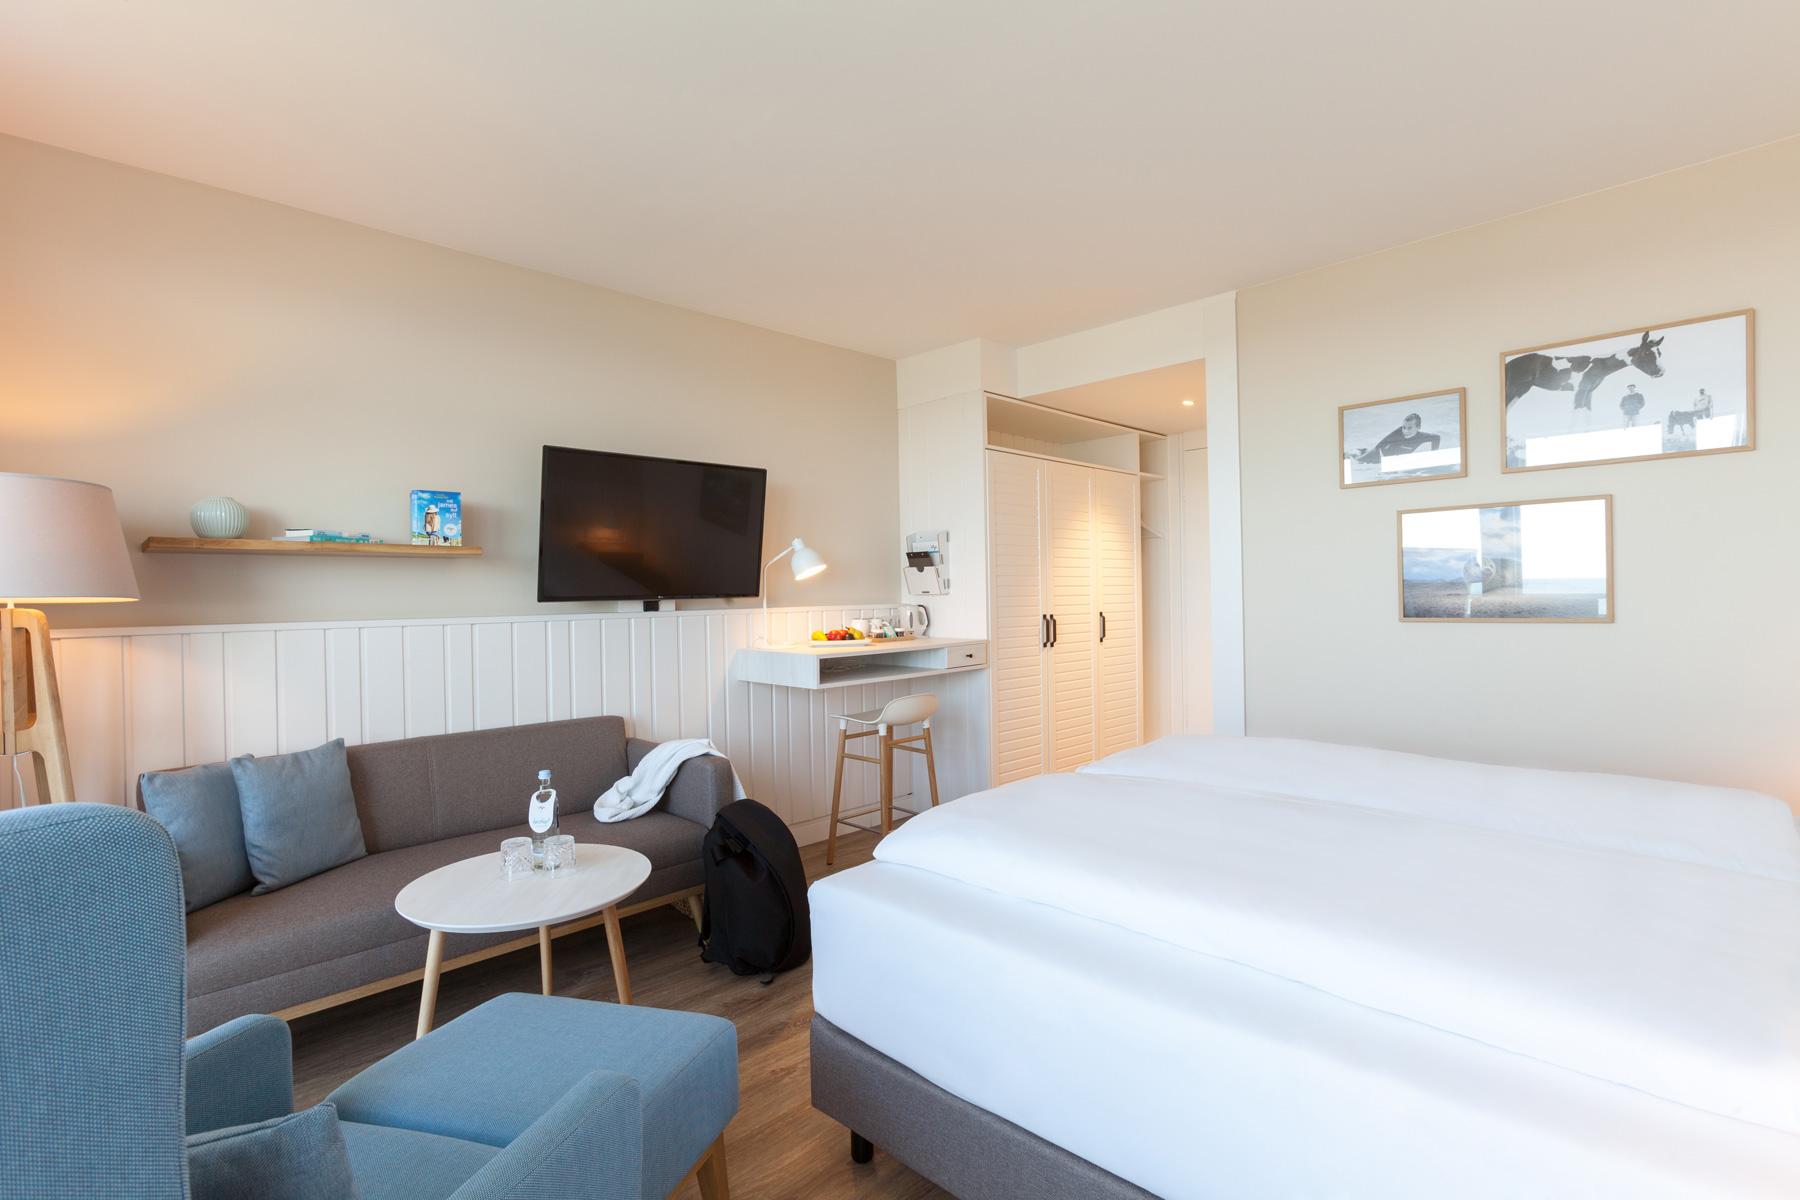 Wyn Strandhotel Sylt Zimmeransicht Sitzgelegenheit Buhne Meerzeit Und Muschelsucher